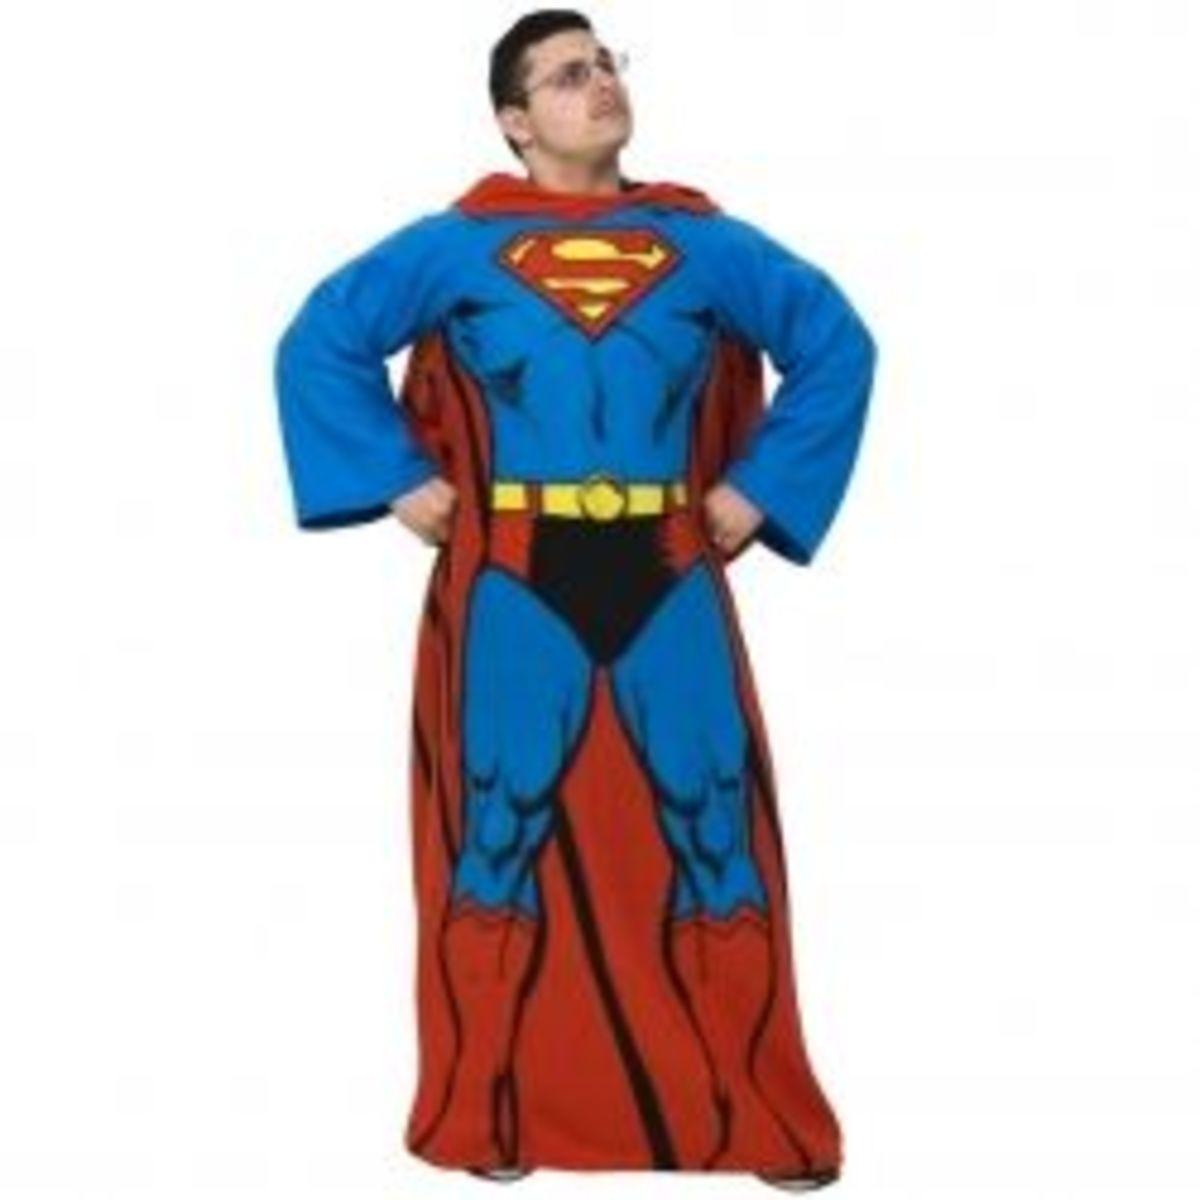 Superman Cozy Fleece Blanket with Sleeves